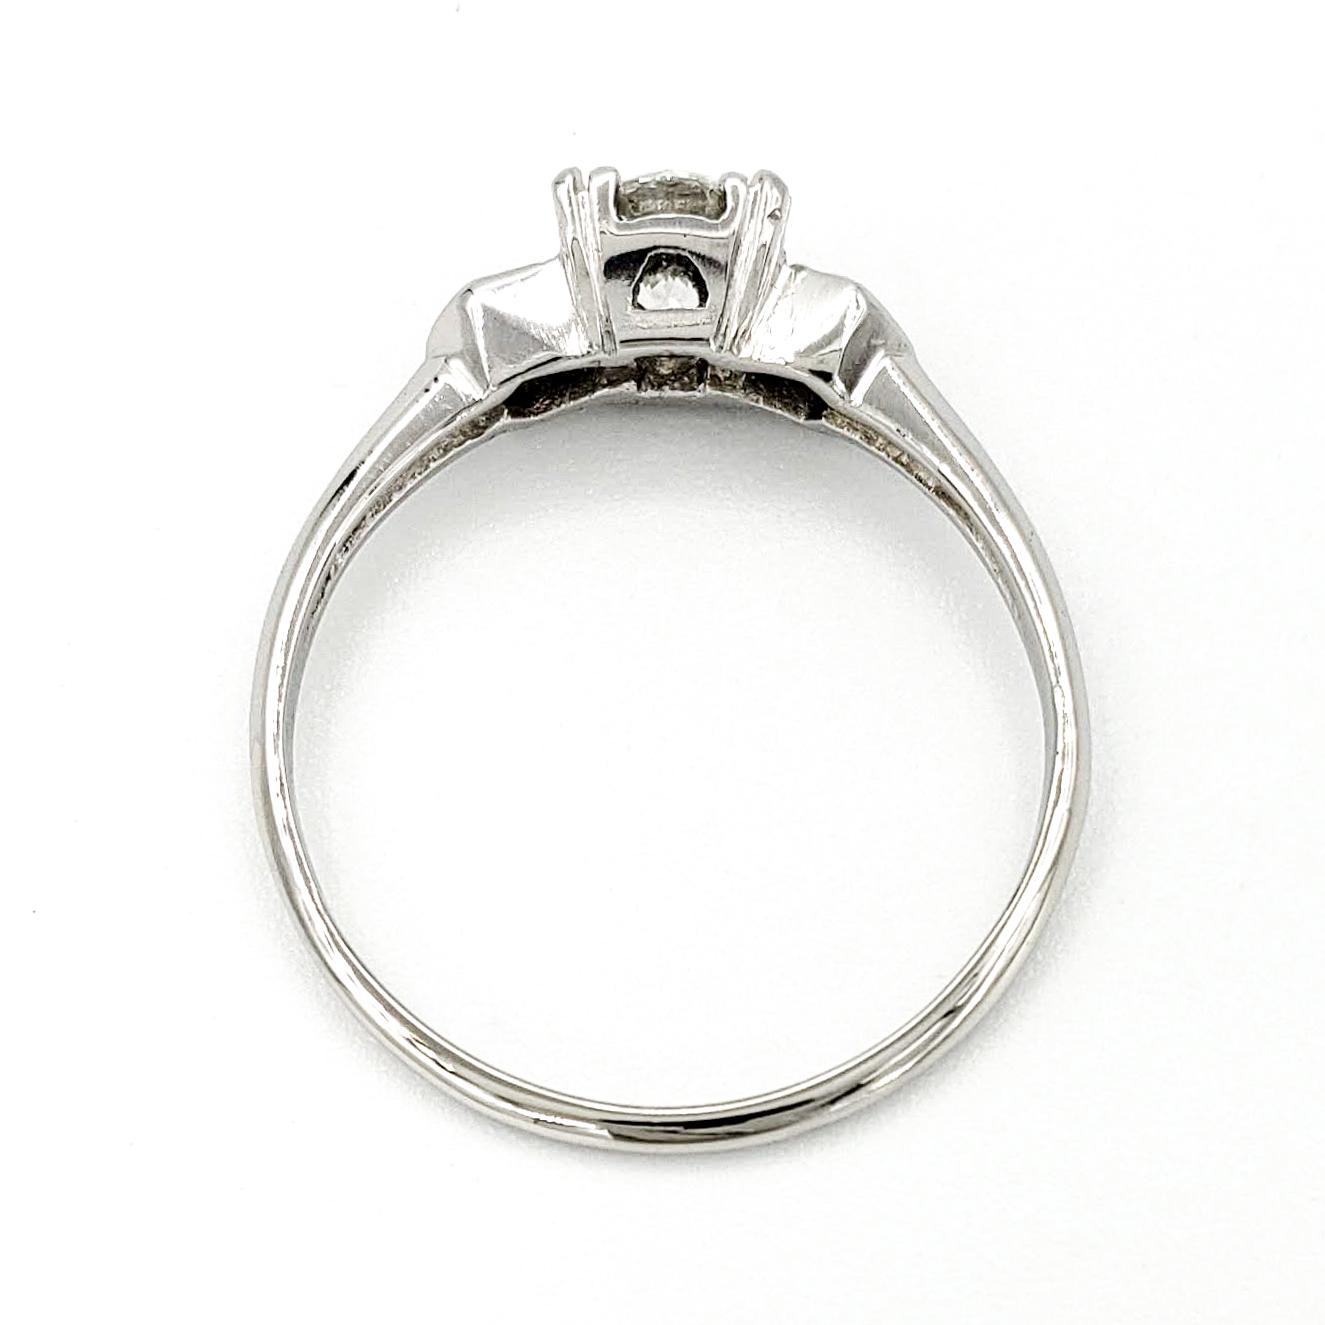 vintage-platinum-engagement-ring-with-0-57-carat-round-brilliant-cut-diamond-gia-i-vs2